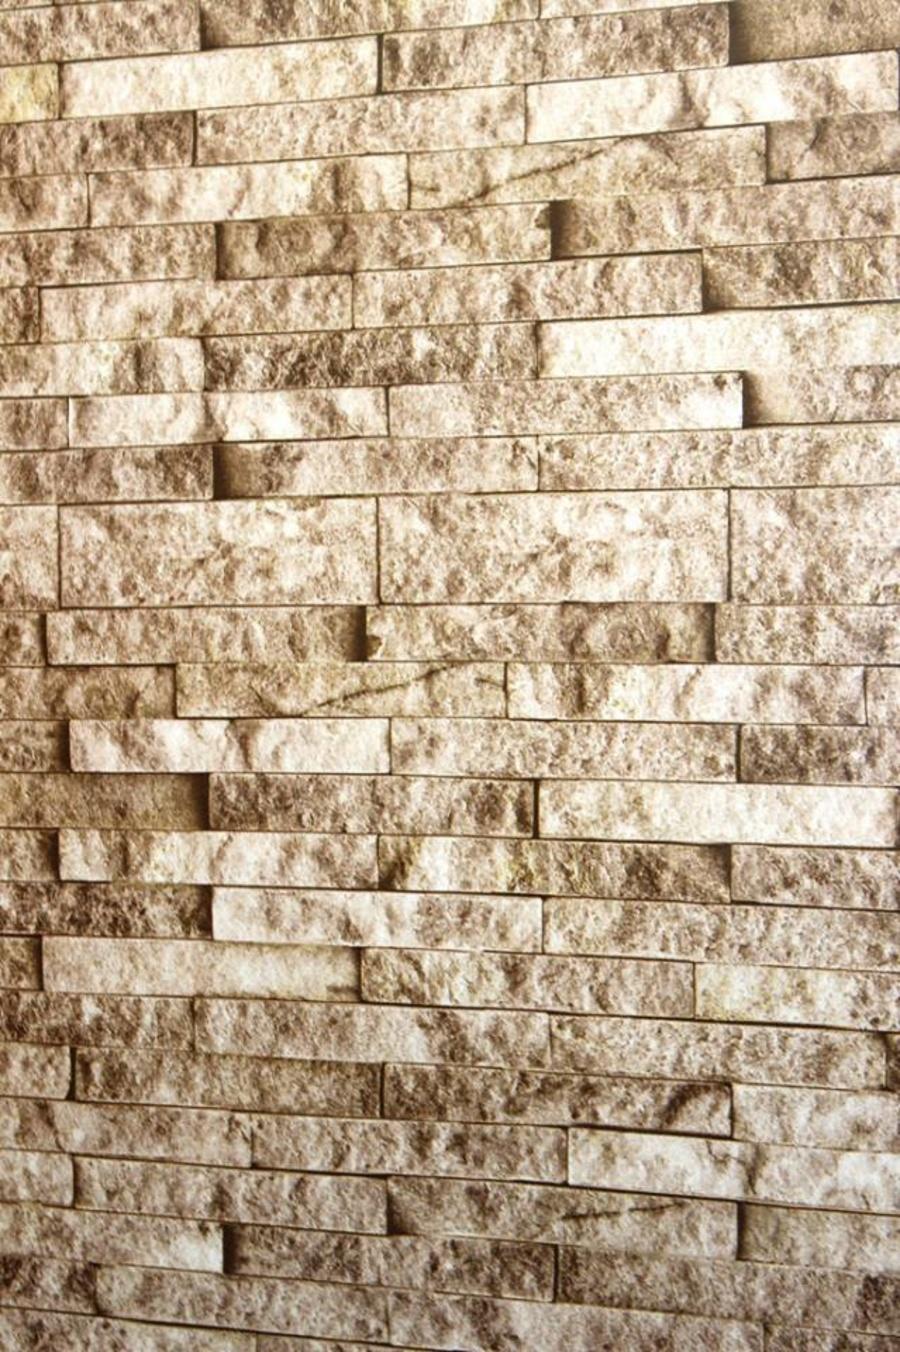 Giấy Decal cuộn giả đá dài màu nâu